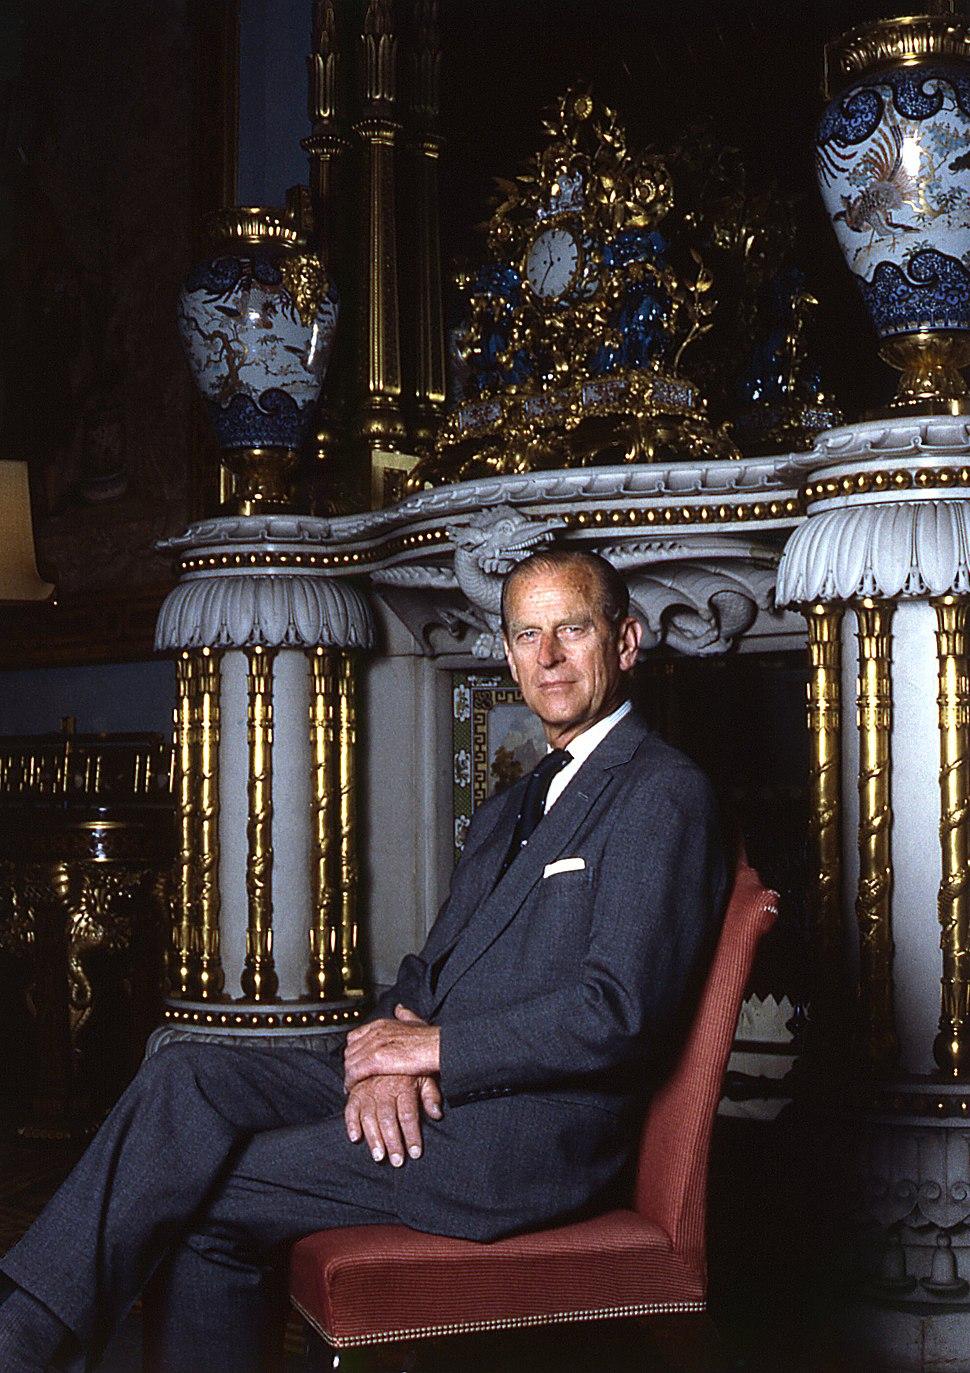 Duke of Edinburgh 9 Allan Warren